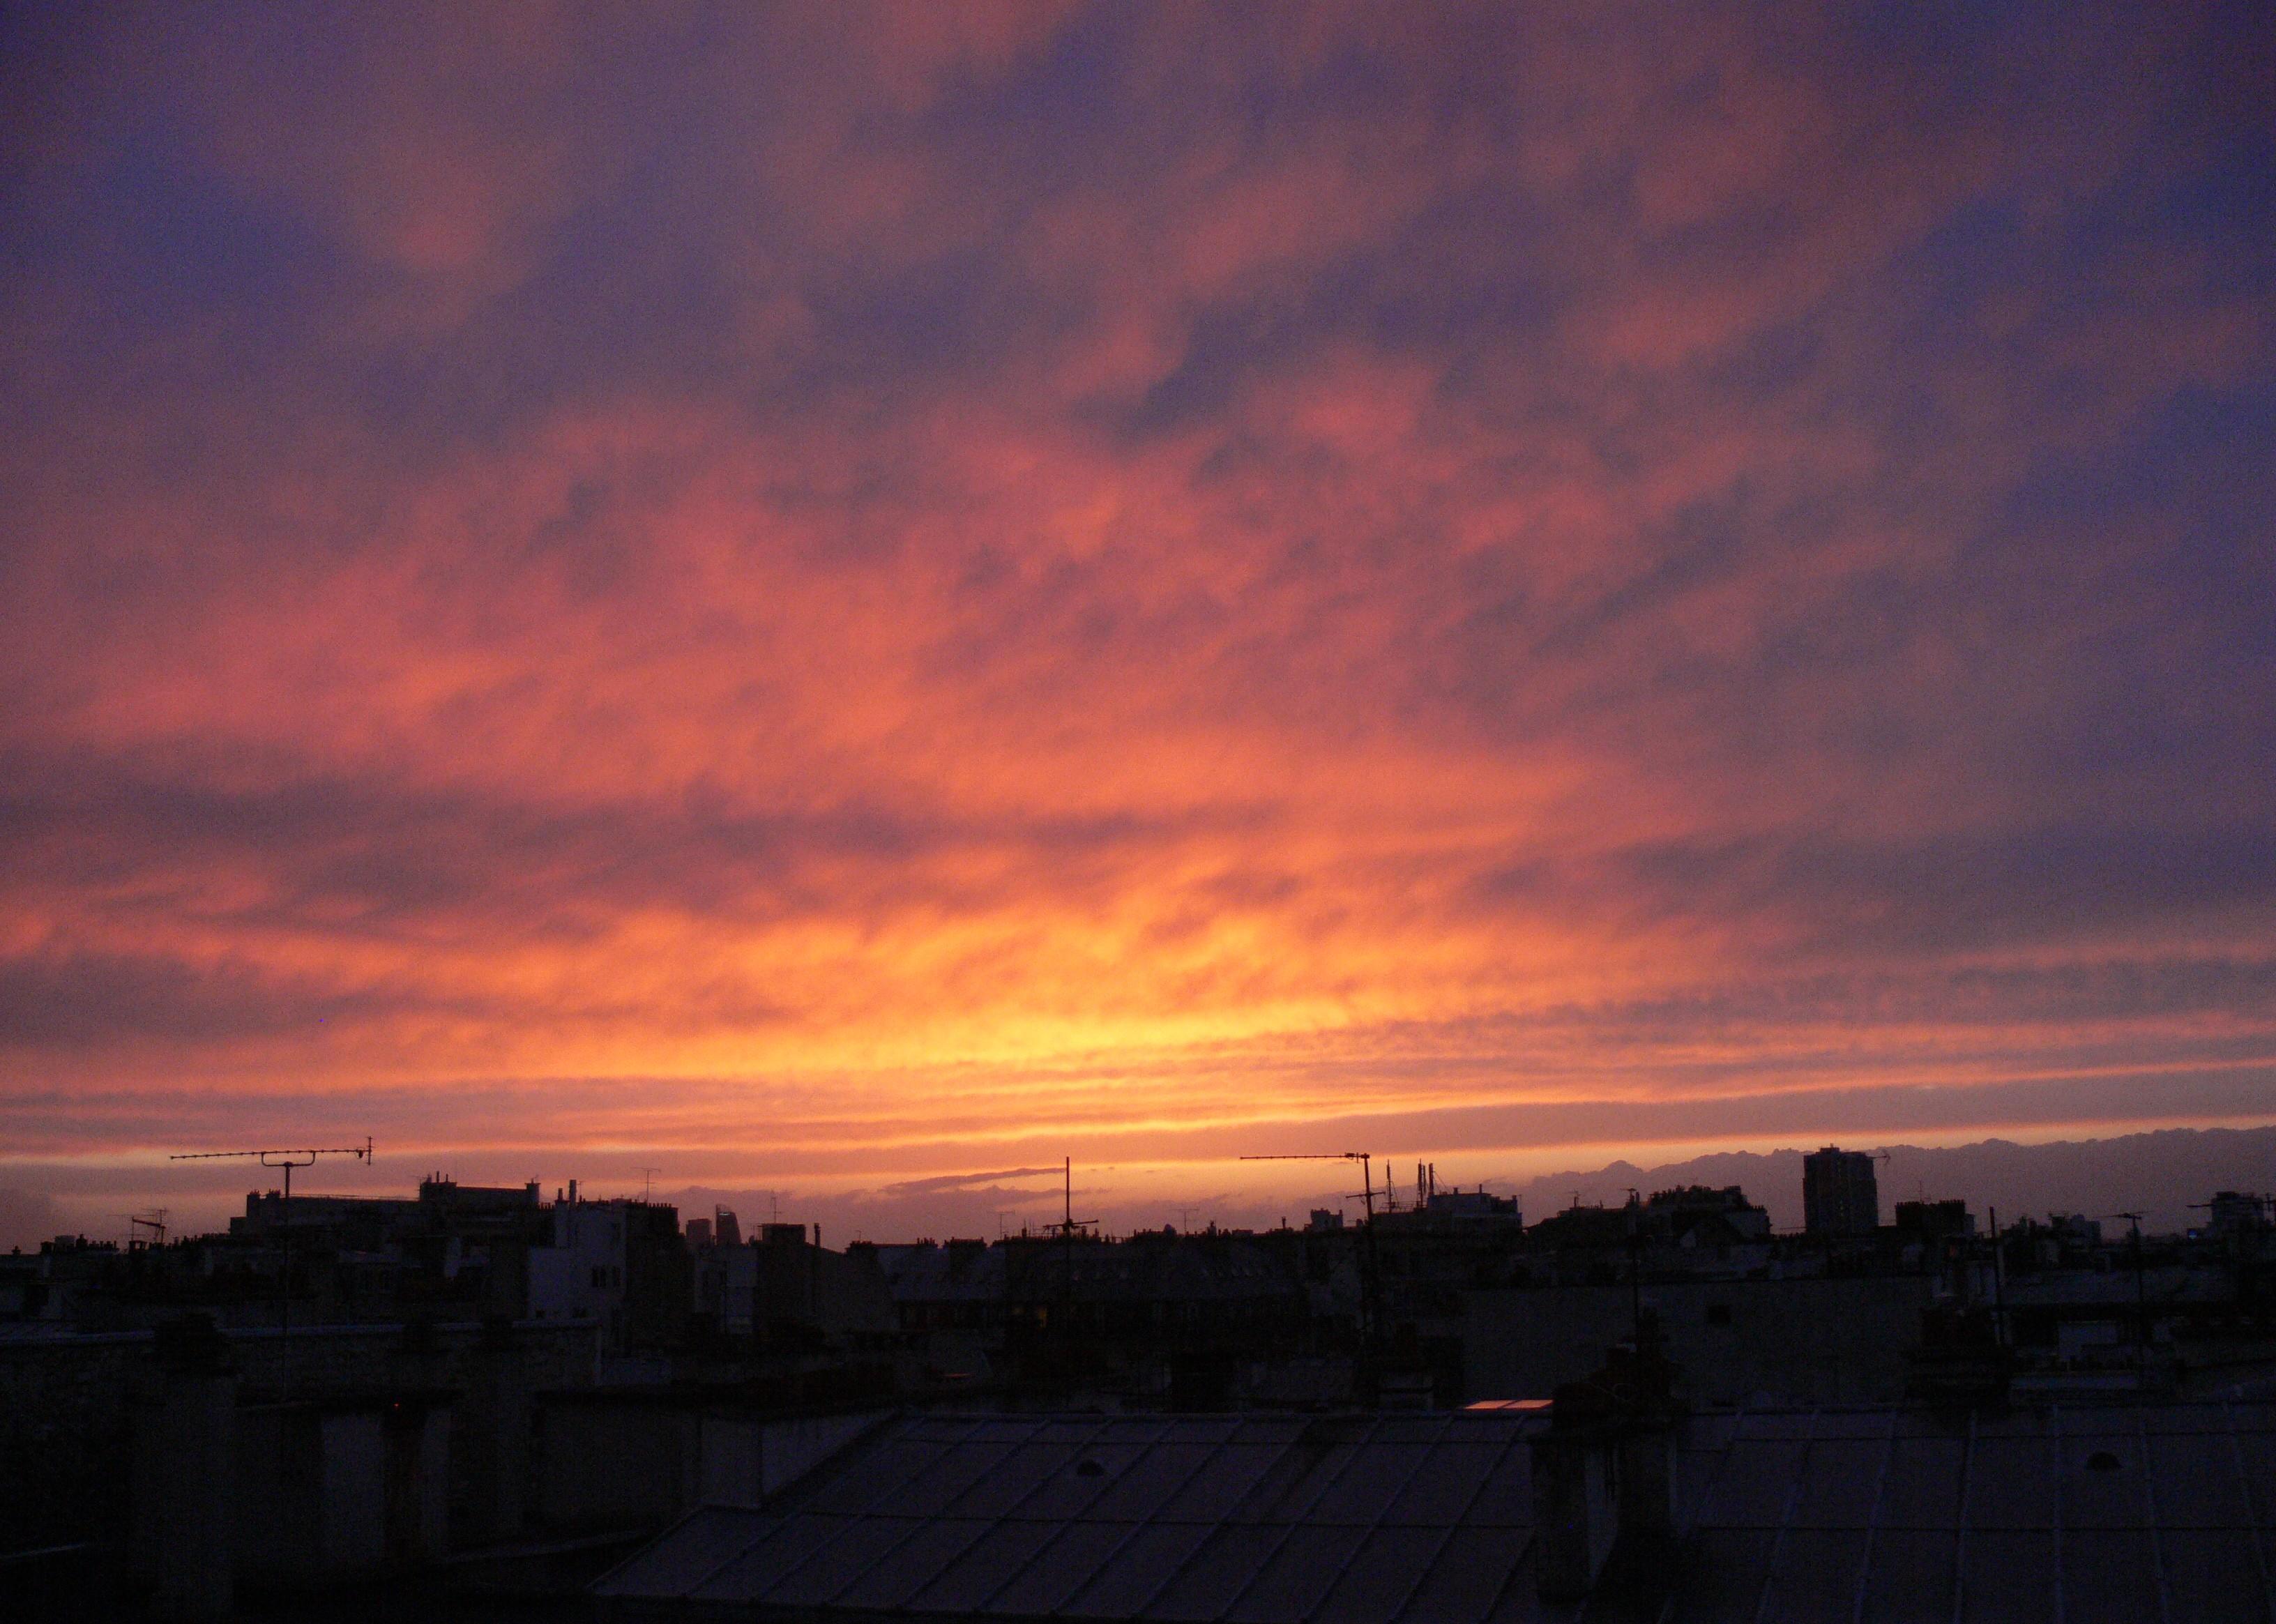 Chouyored couvre chouyo 39 s world - Quelle heure le soleil se couche ...